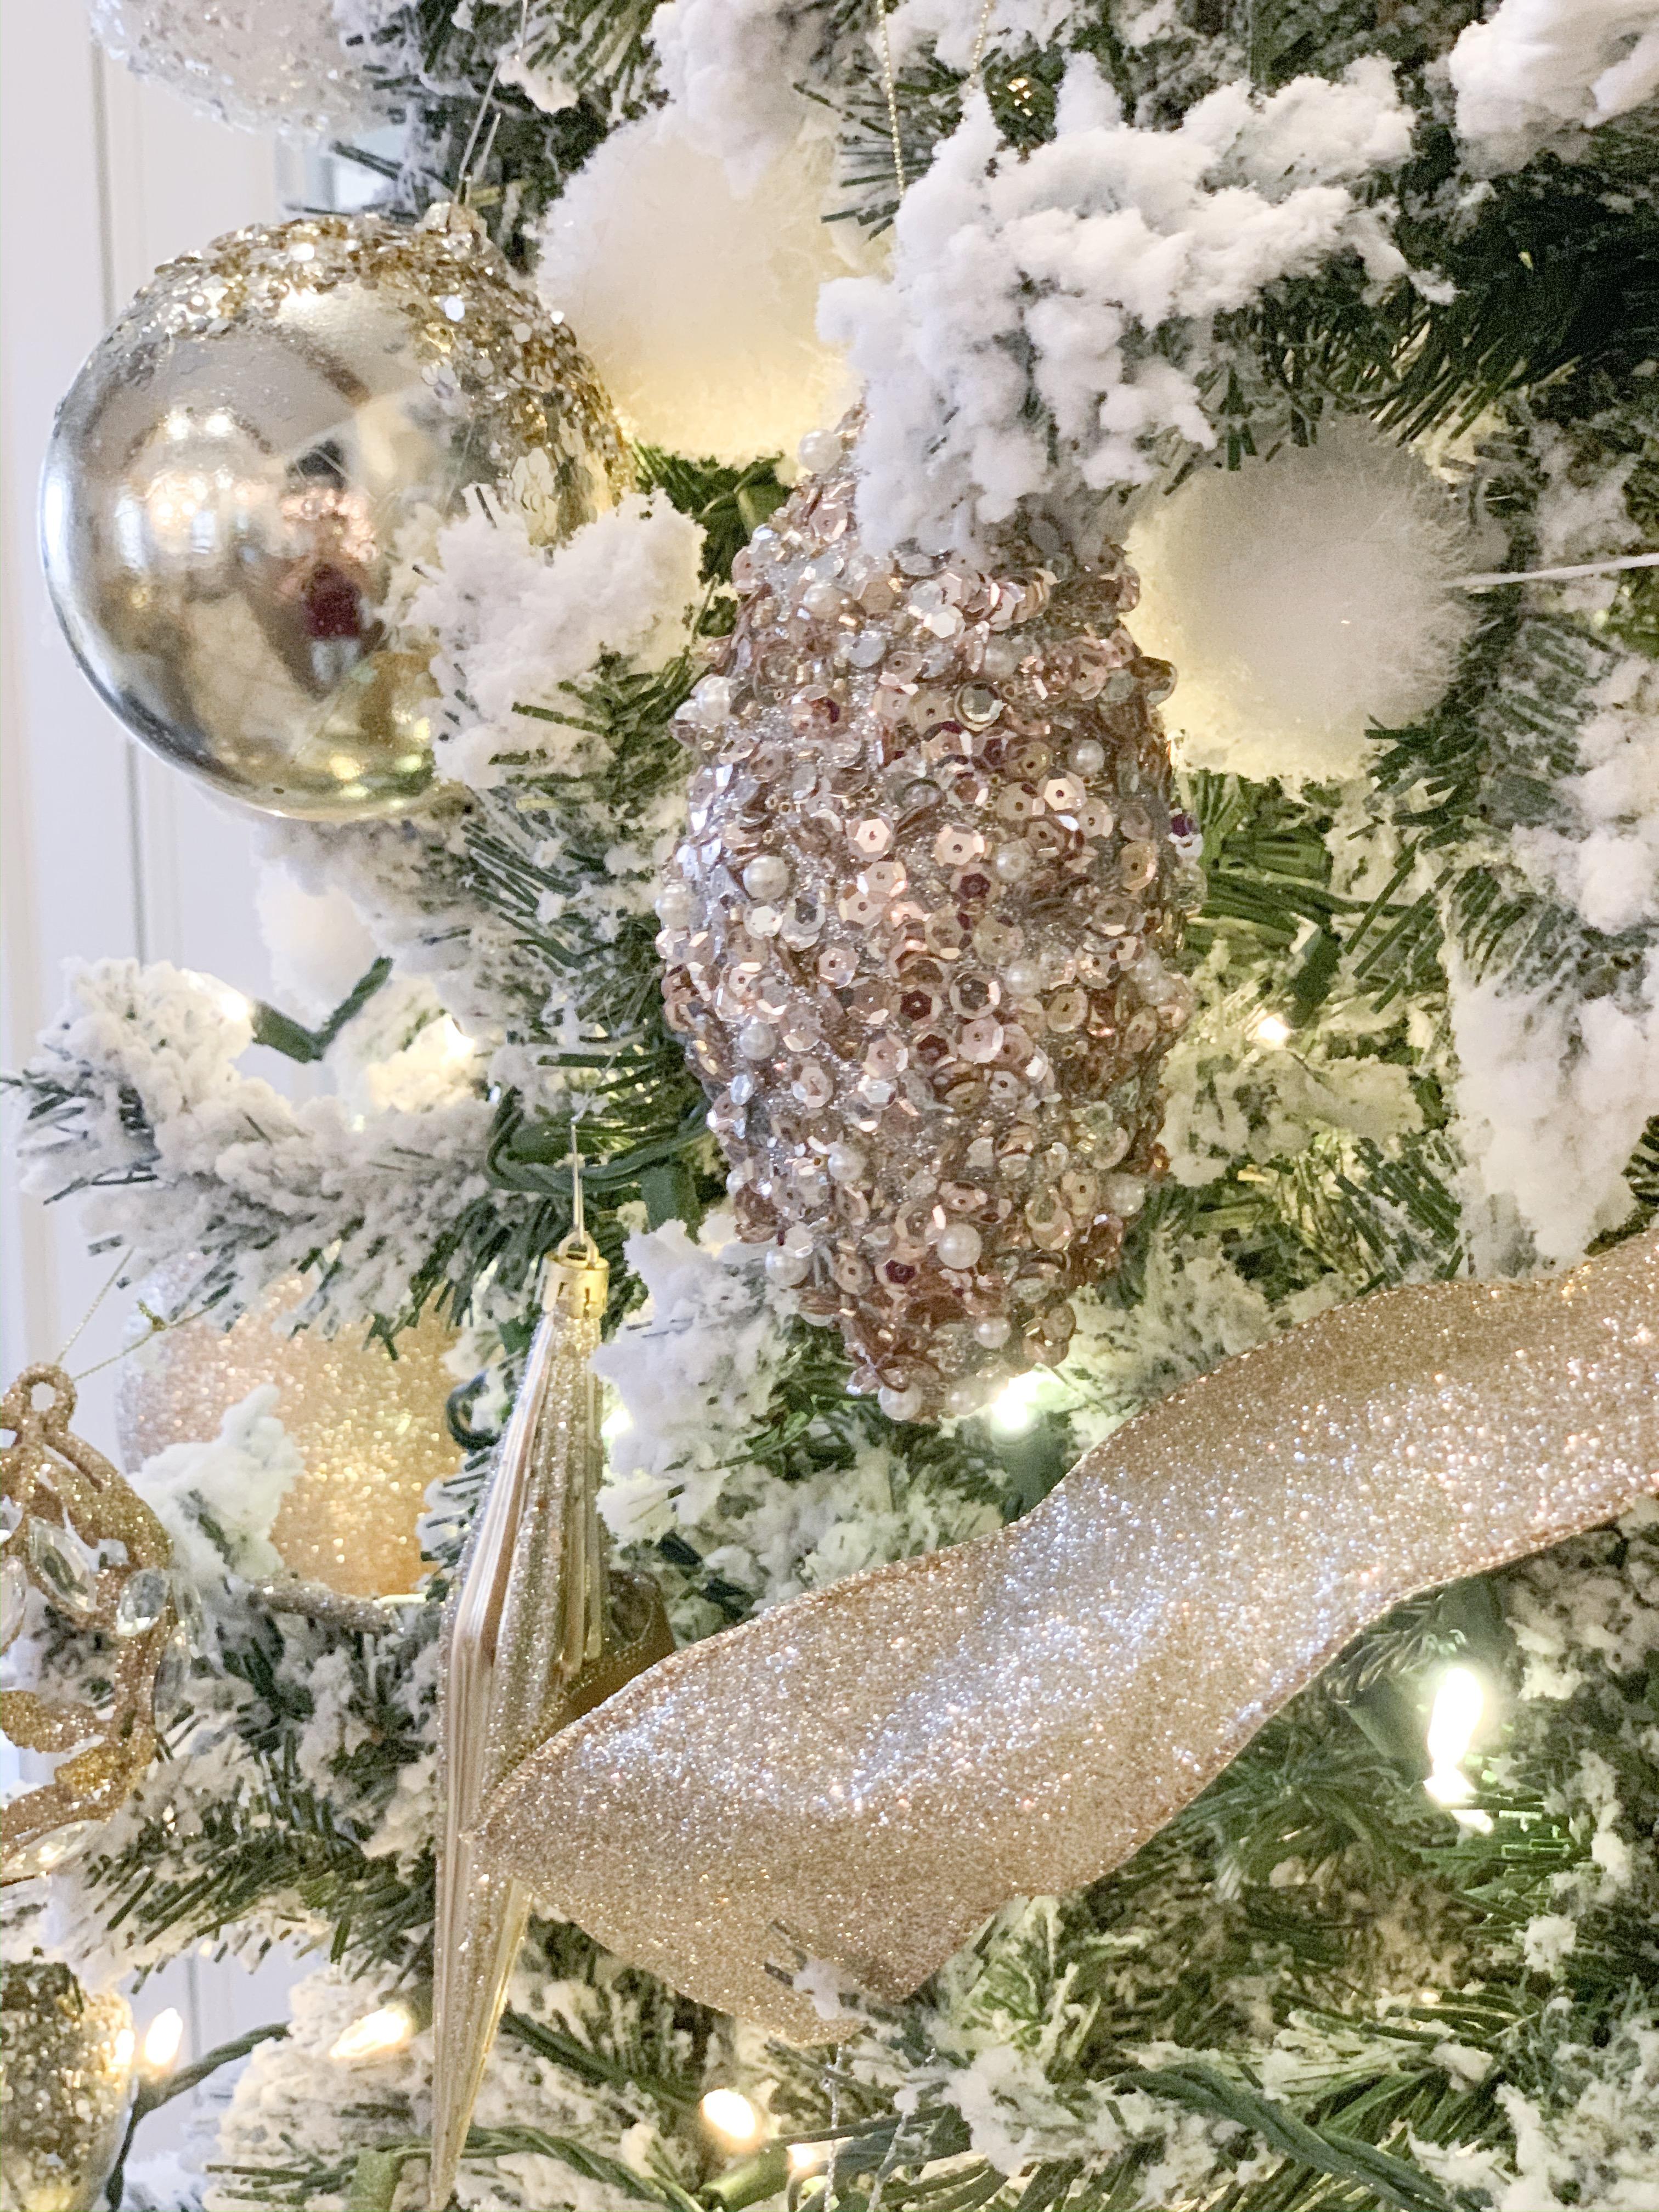 IMG 9942 - Christmas Decor 2019